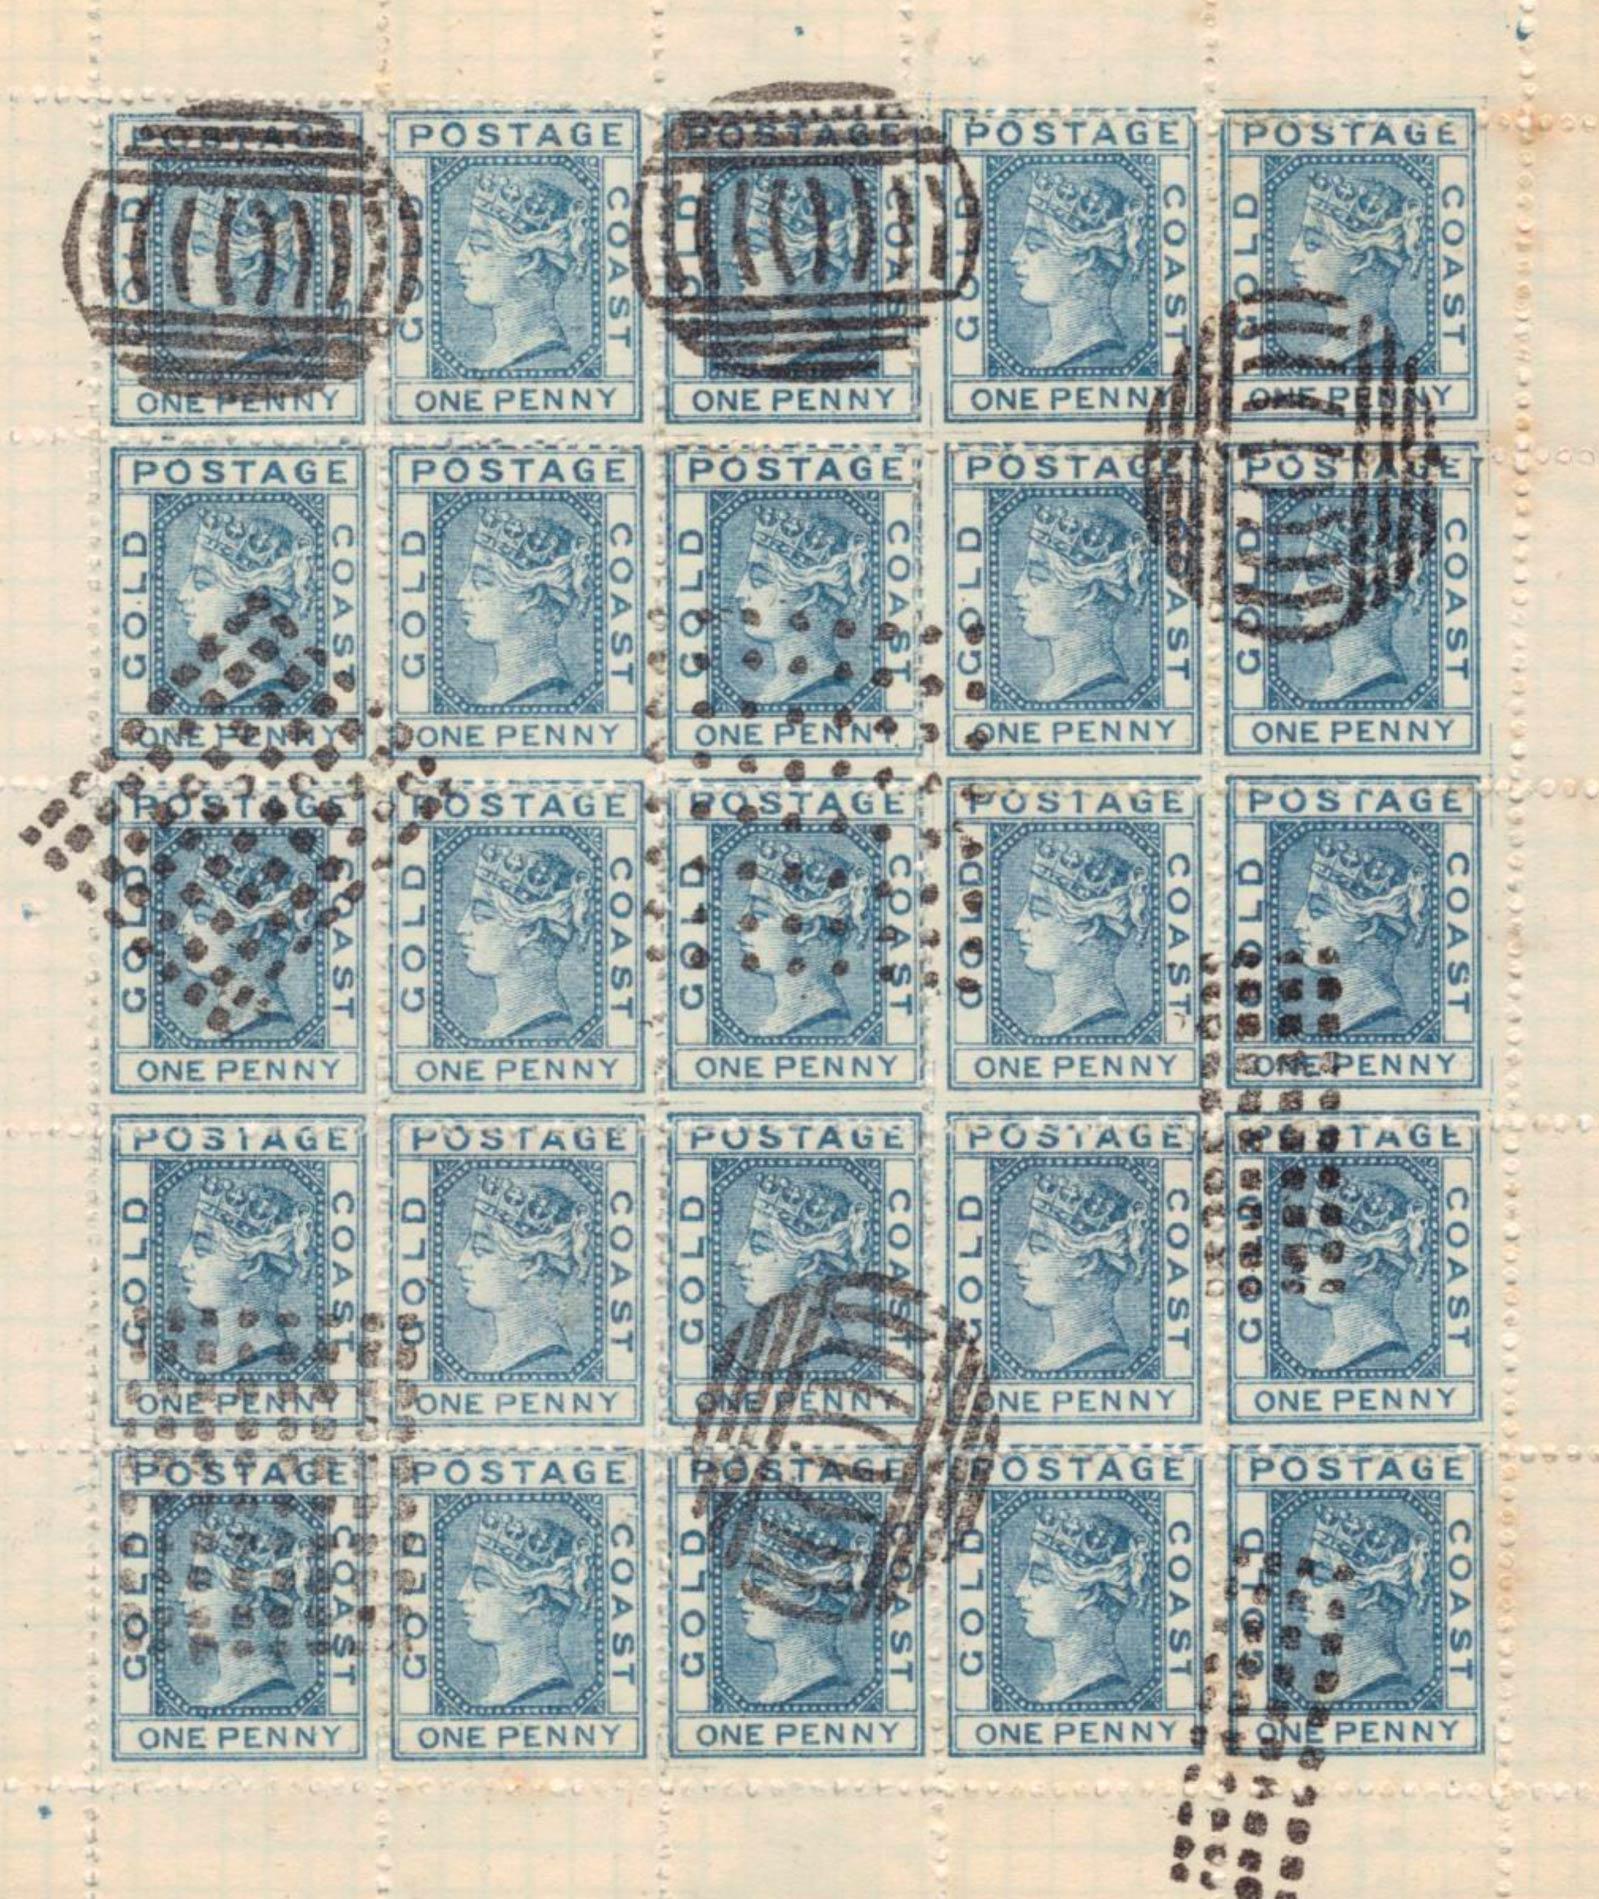 Gold_Coast_1875_QV_1d_Spiro-sheet_Forgery